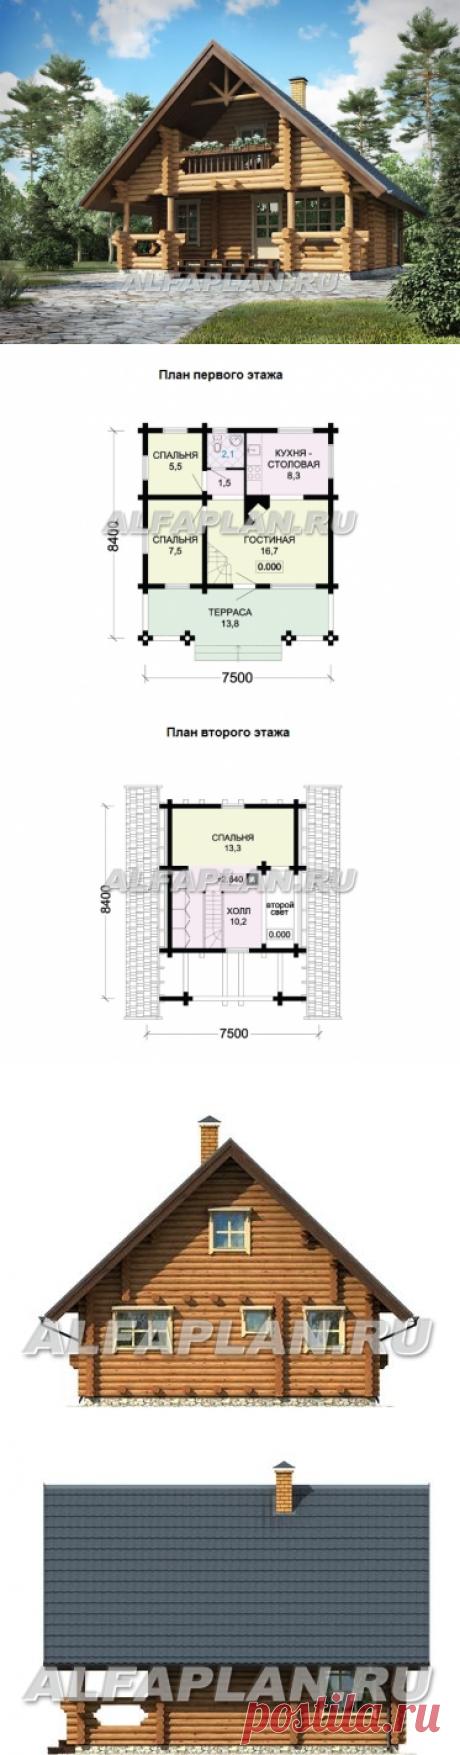 Бревенчатый дом с террасой (G63), Alfaplan.ru